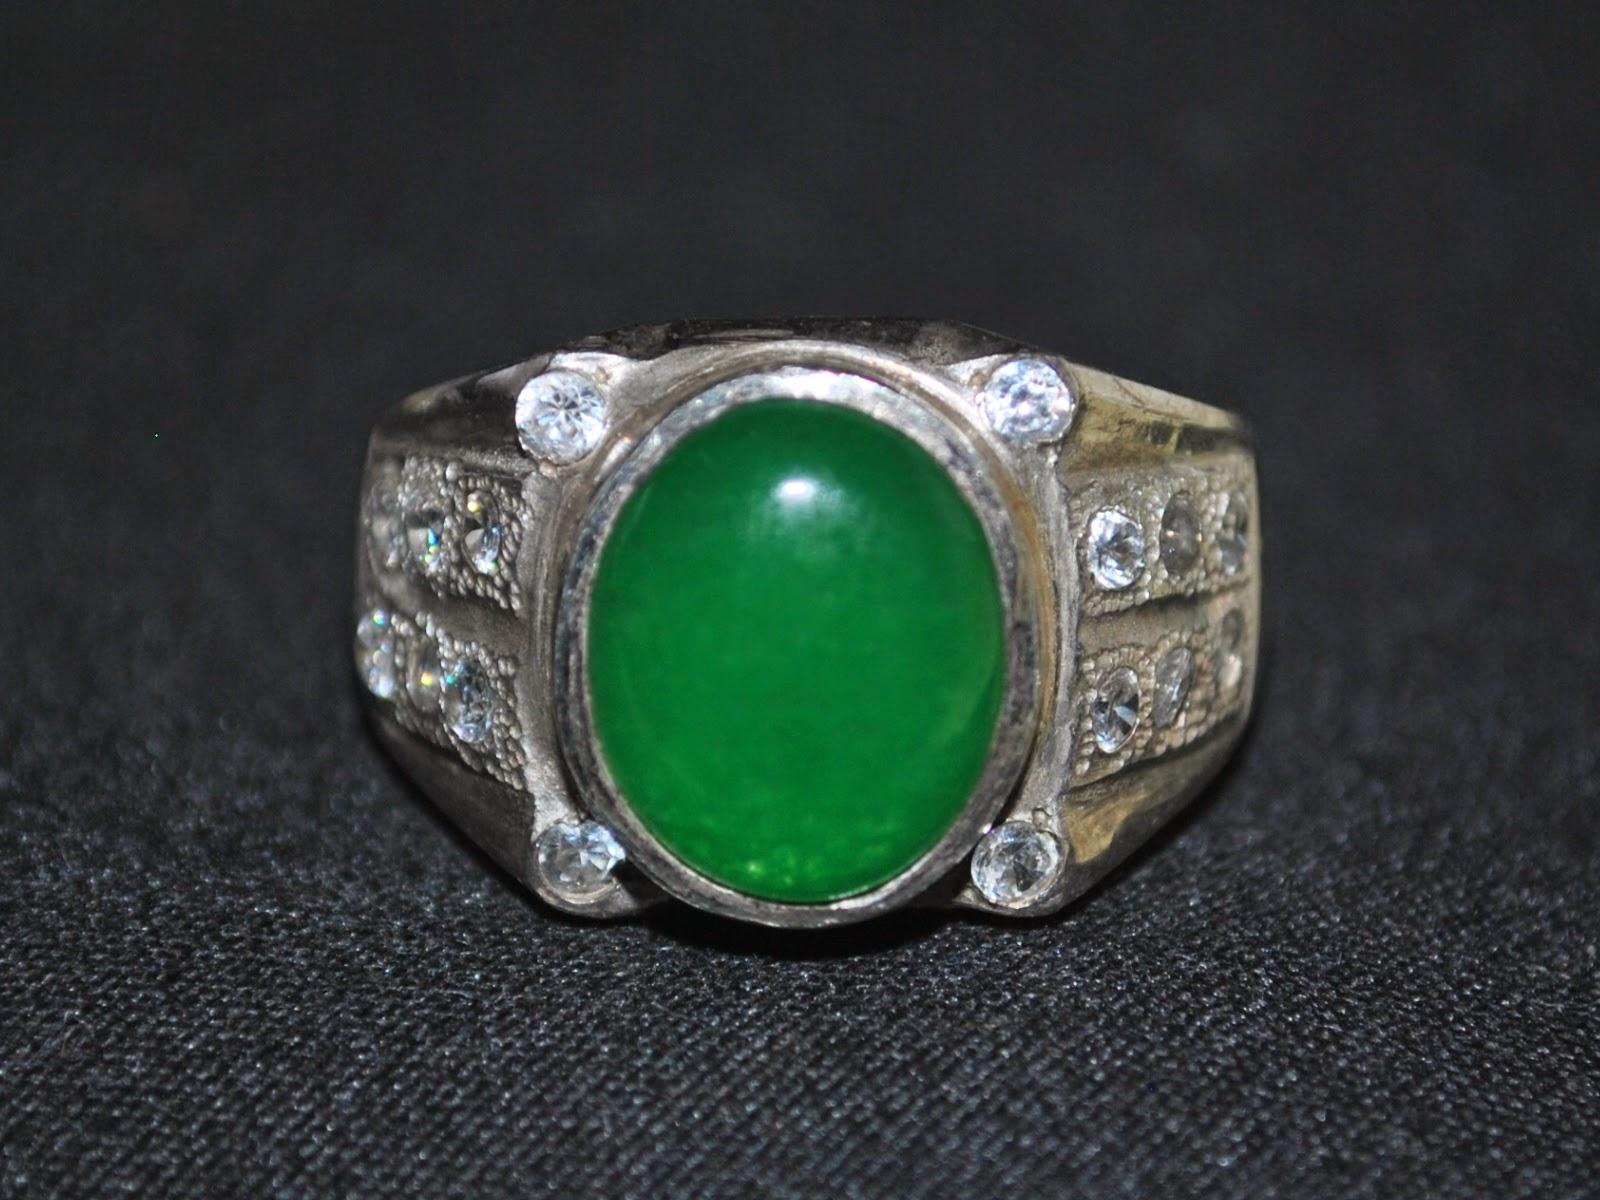 Batu Giok Khasiat Dan Harga Batu Cincin Jade Stone, Jual: Cincin Batu giok ( Jade Stone ) - INTI-NUR ILLAHI, BATU GIOK BARANG ANTIK JUAL - JADE STONE